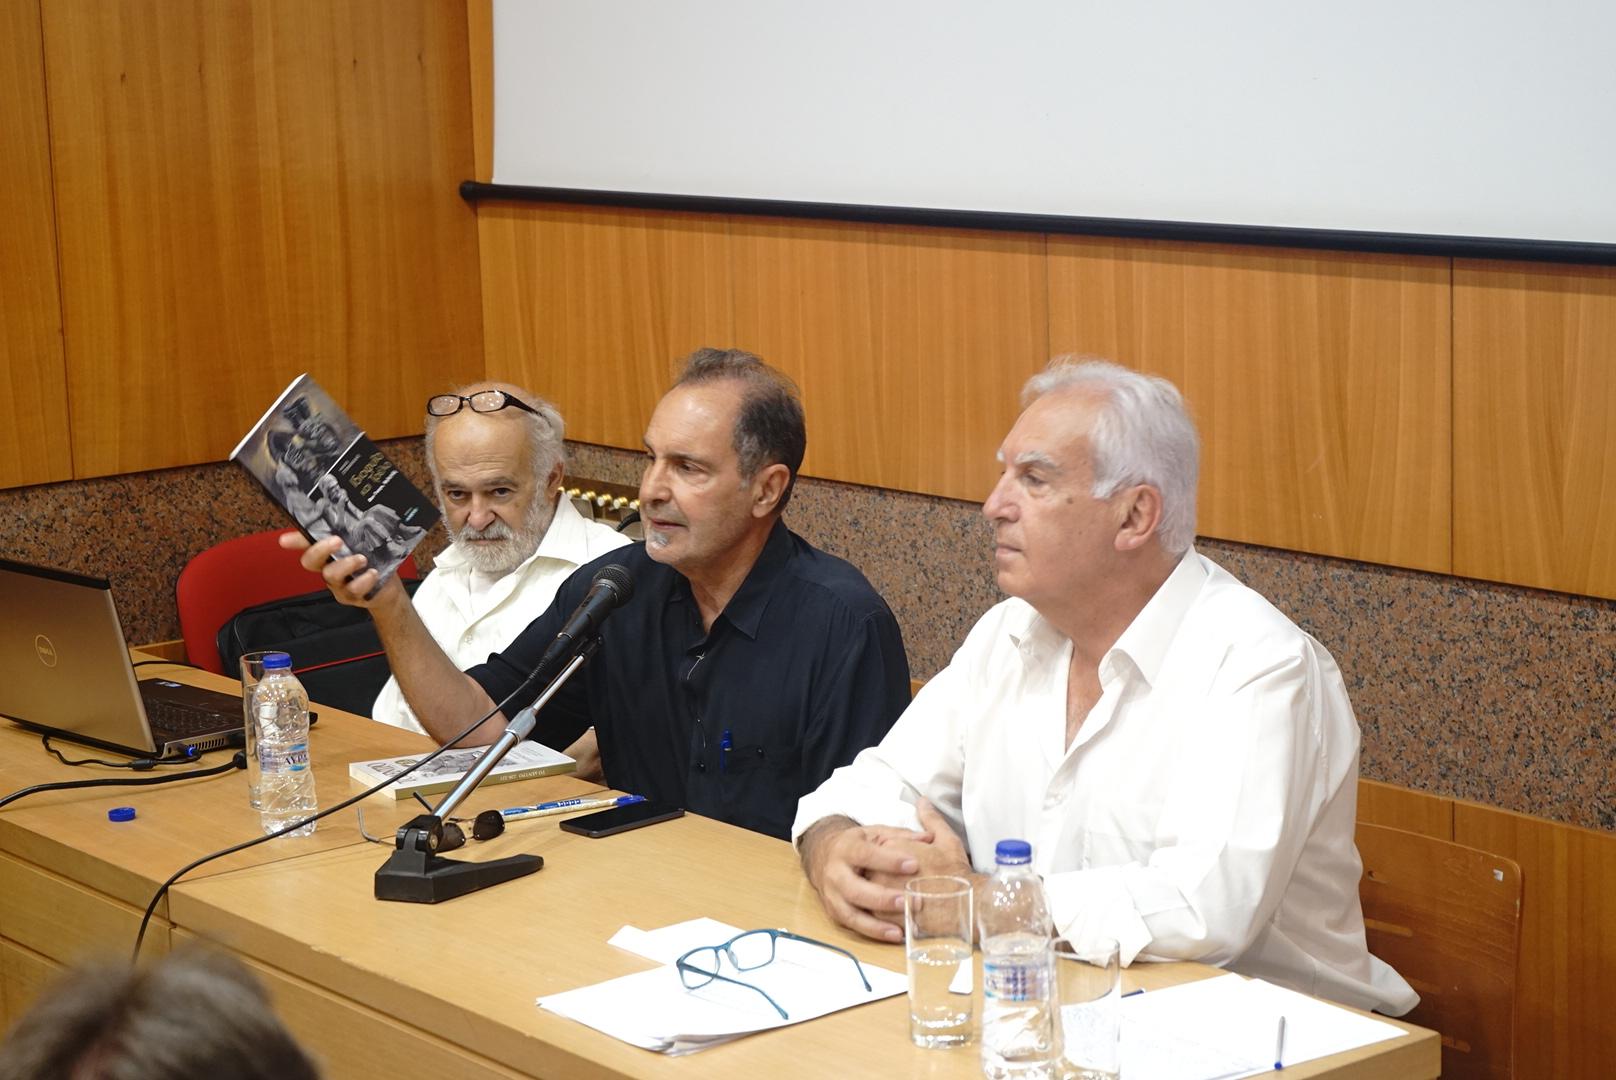 """Ο επιμελητής των εκθέσεων Μάνος Στεφανίδης έθεσε το ζήτημα επιστροφής της """"Κοιμωμένης"""" στην Τήνο"""